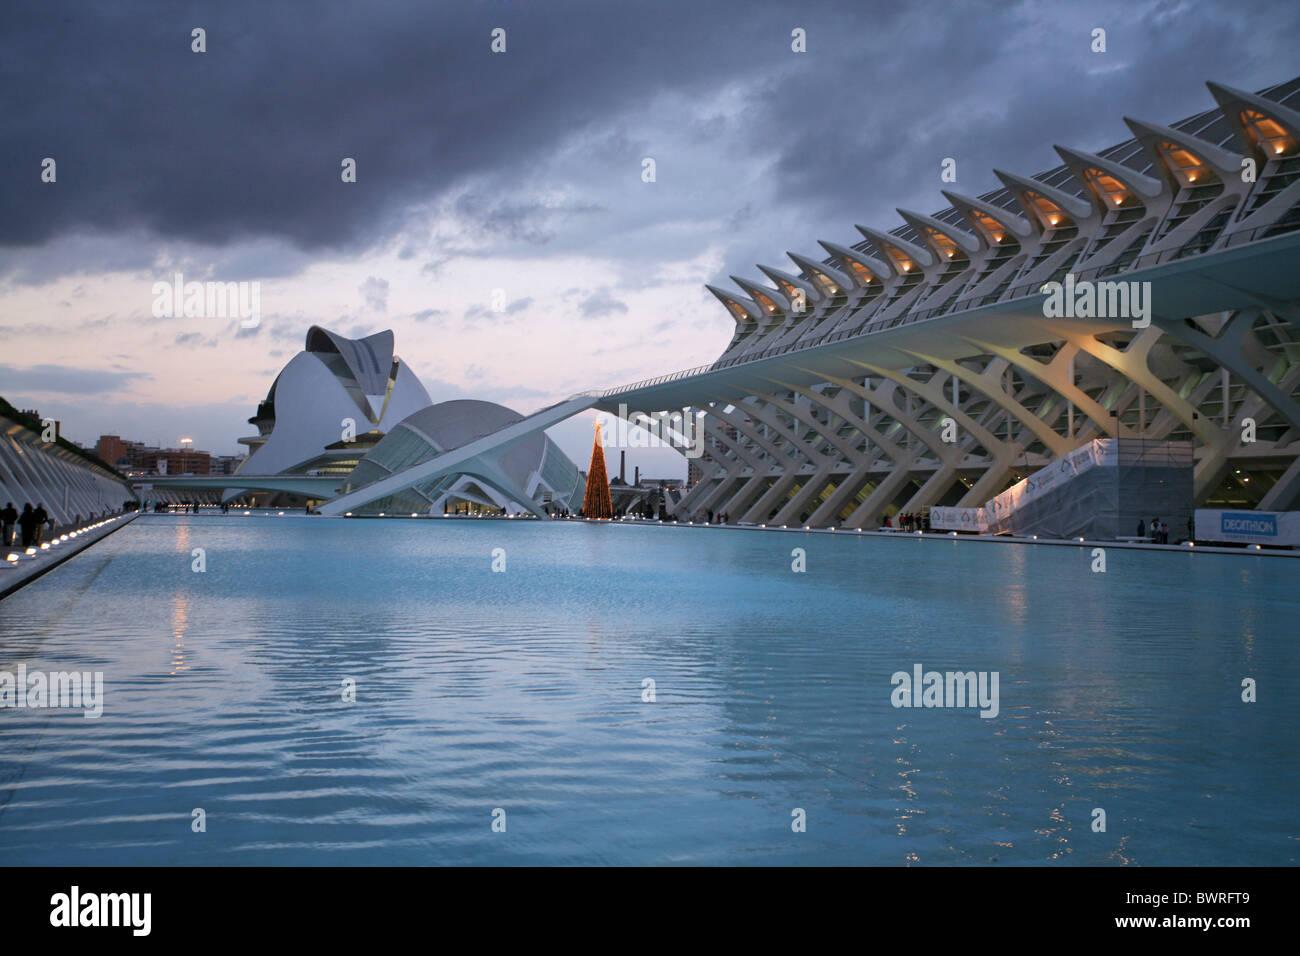 Spain Europe Valencia city Ciutat de les Arts i les Ciències Ciudad de las Artes y las Ciencias City of Arts - Stock Image